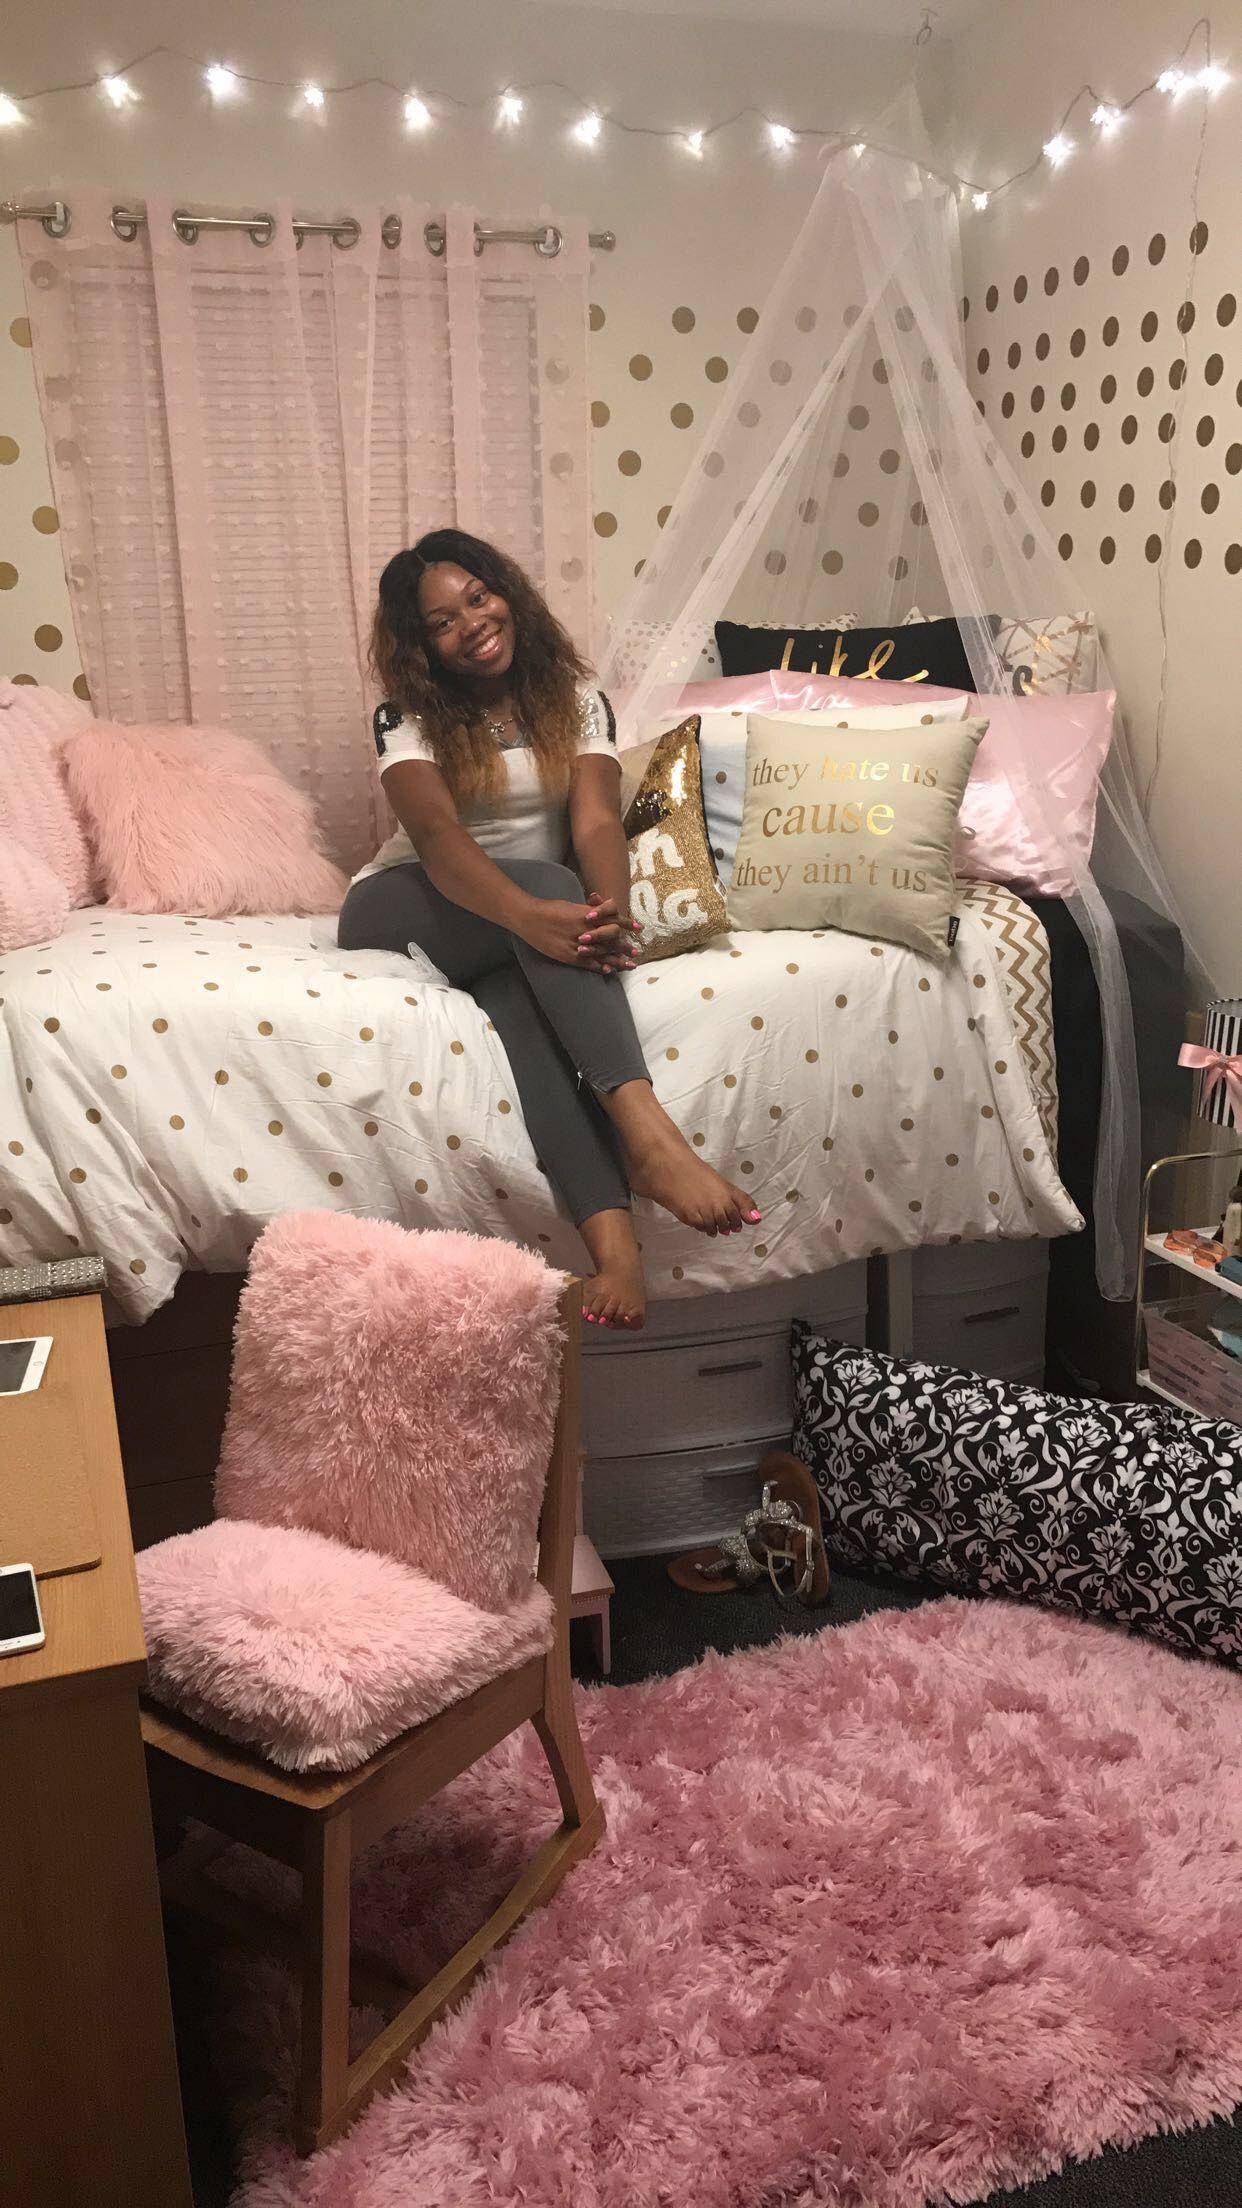 Pin De Jaelyndae En College Dorms Habitacion De Manualidades Dormitorio De Chicas Adolescentes Dormitorios Recamaras